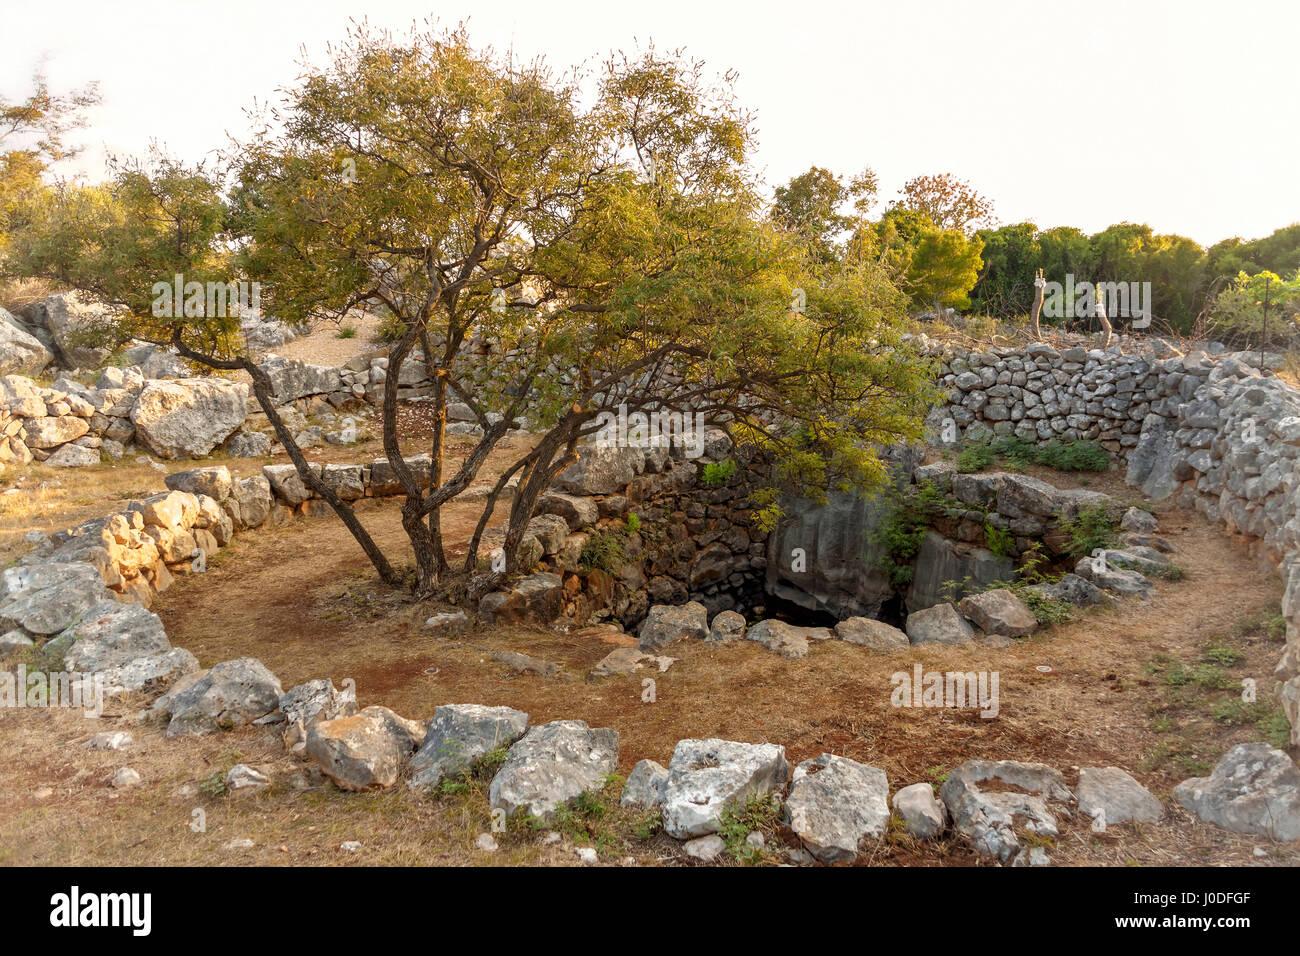 Croatian Gardens Stock Photos & Croatian Gardens Stock Images - Alamy